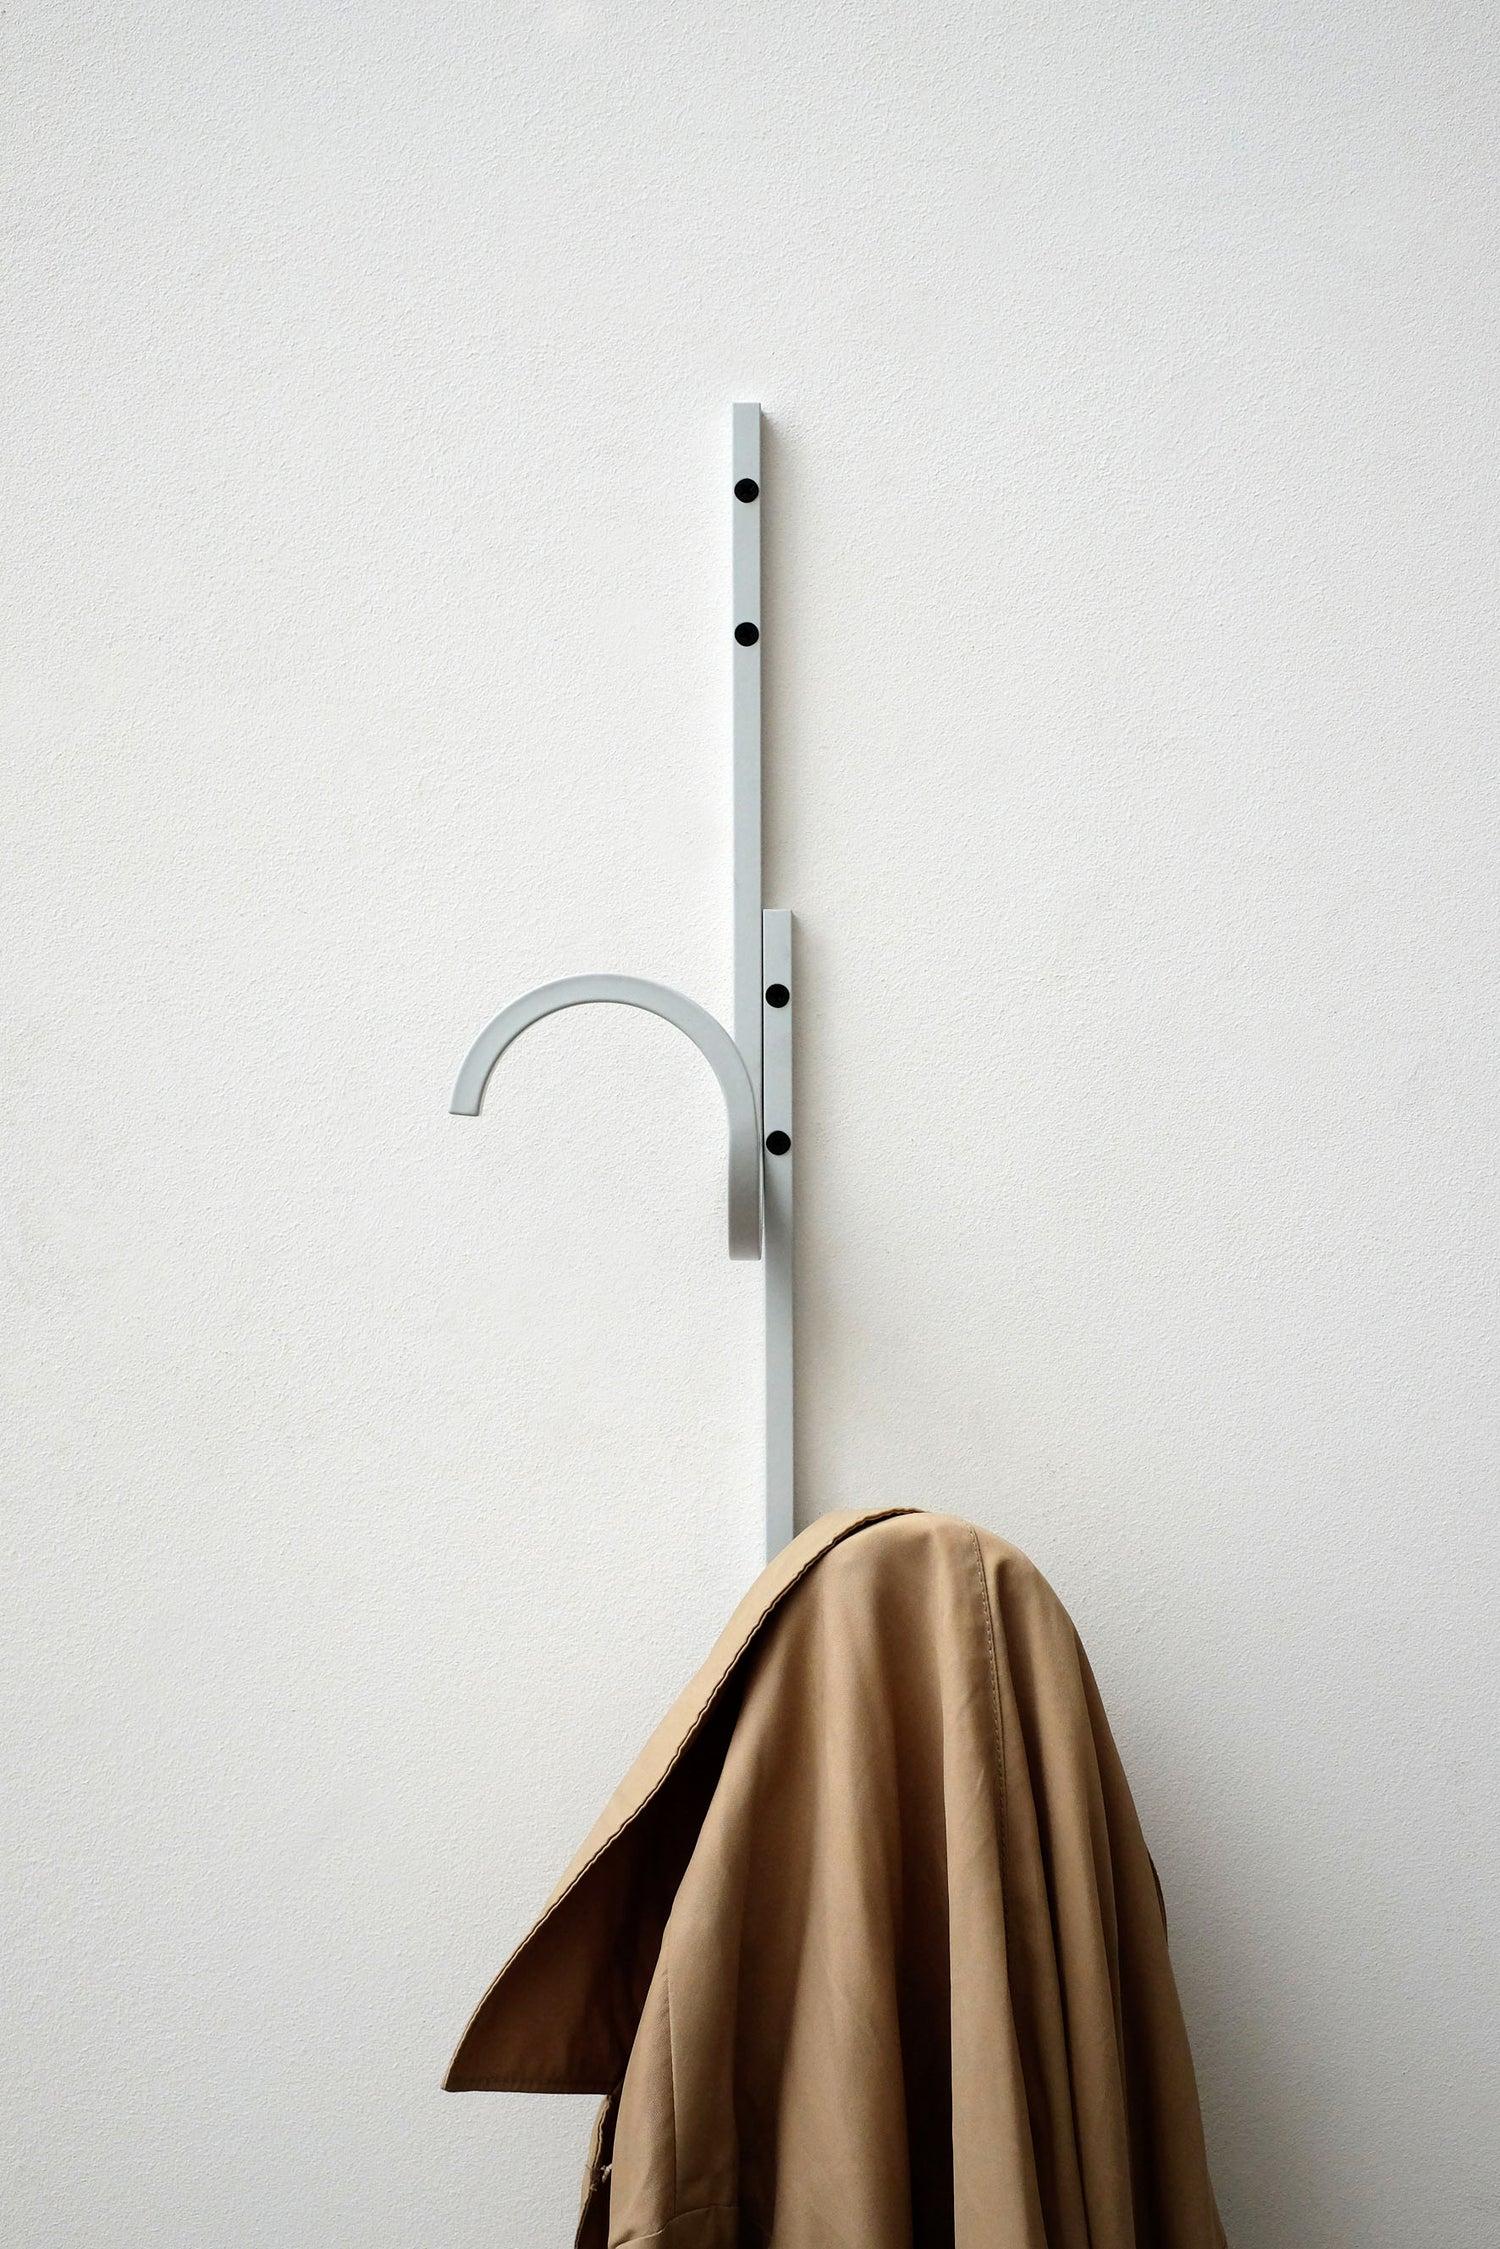 Image of Catherine Aitken & David Murphy Coat Hook